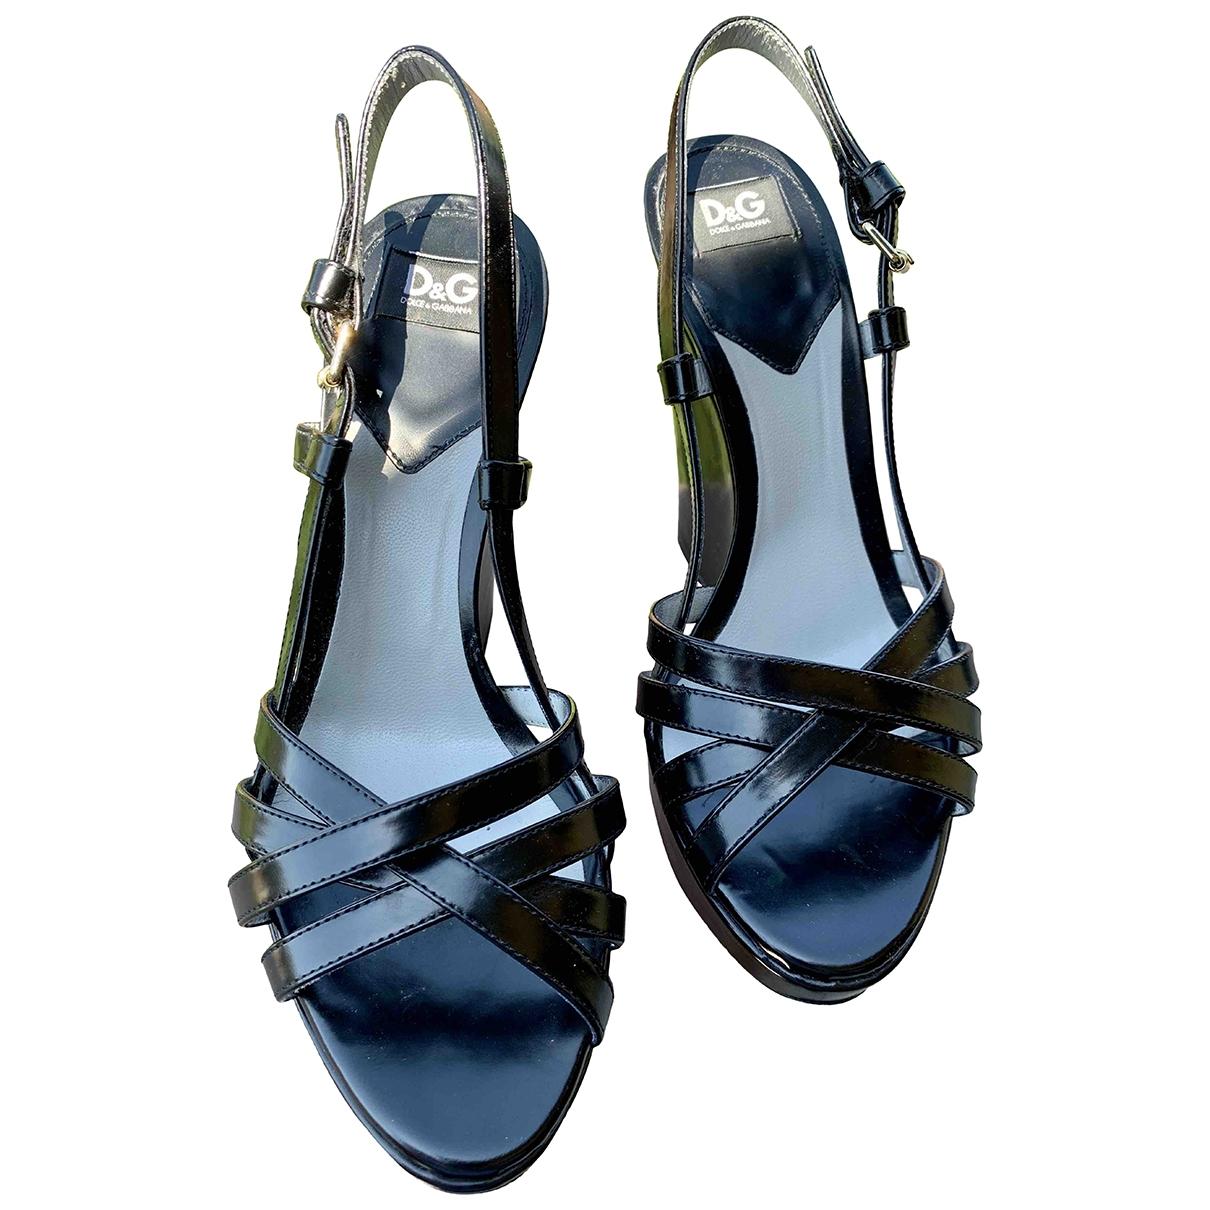 D&g - Sandales   pour femme en cuir - noir